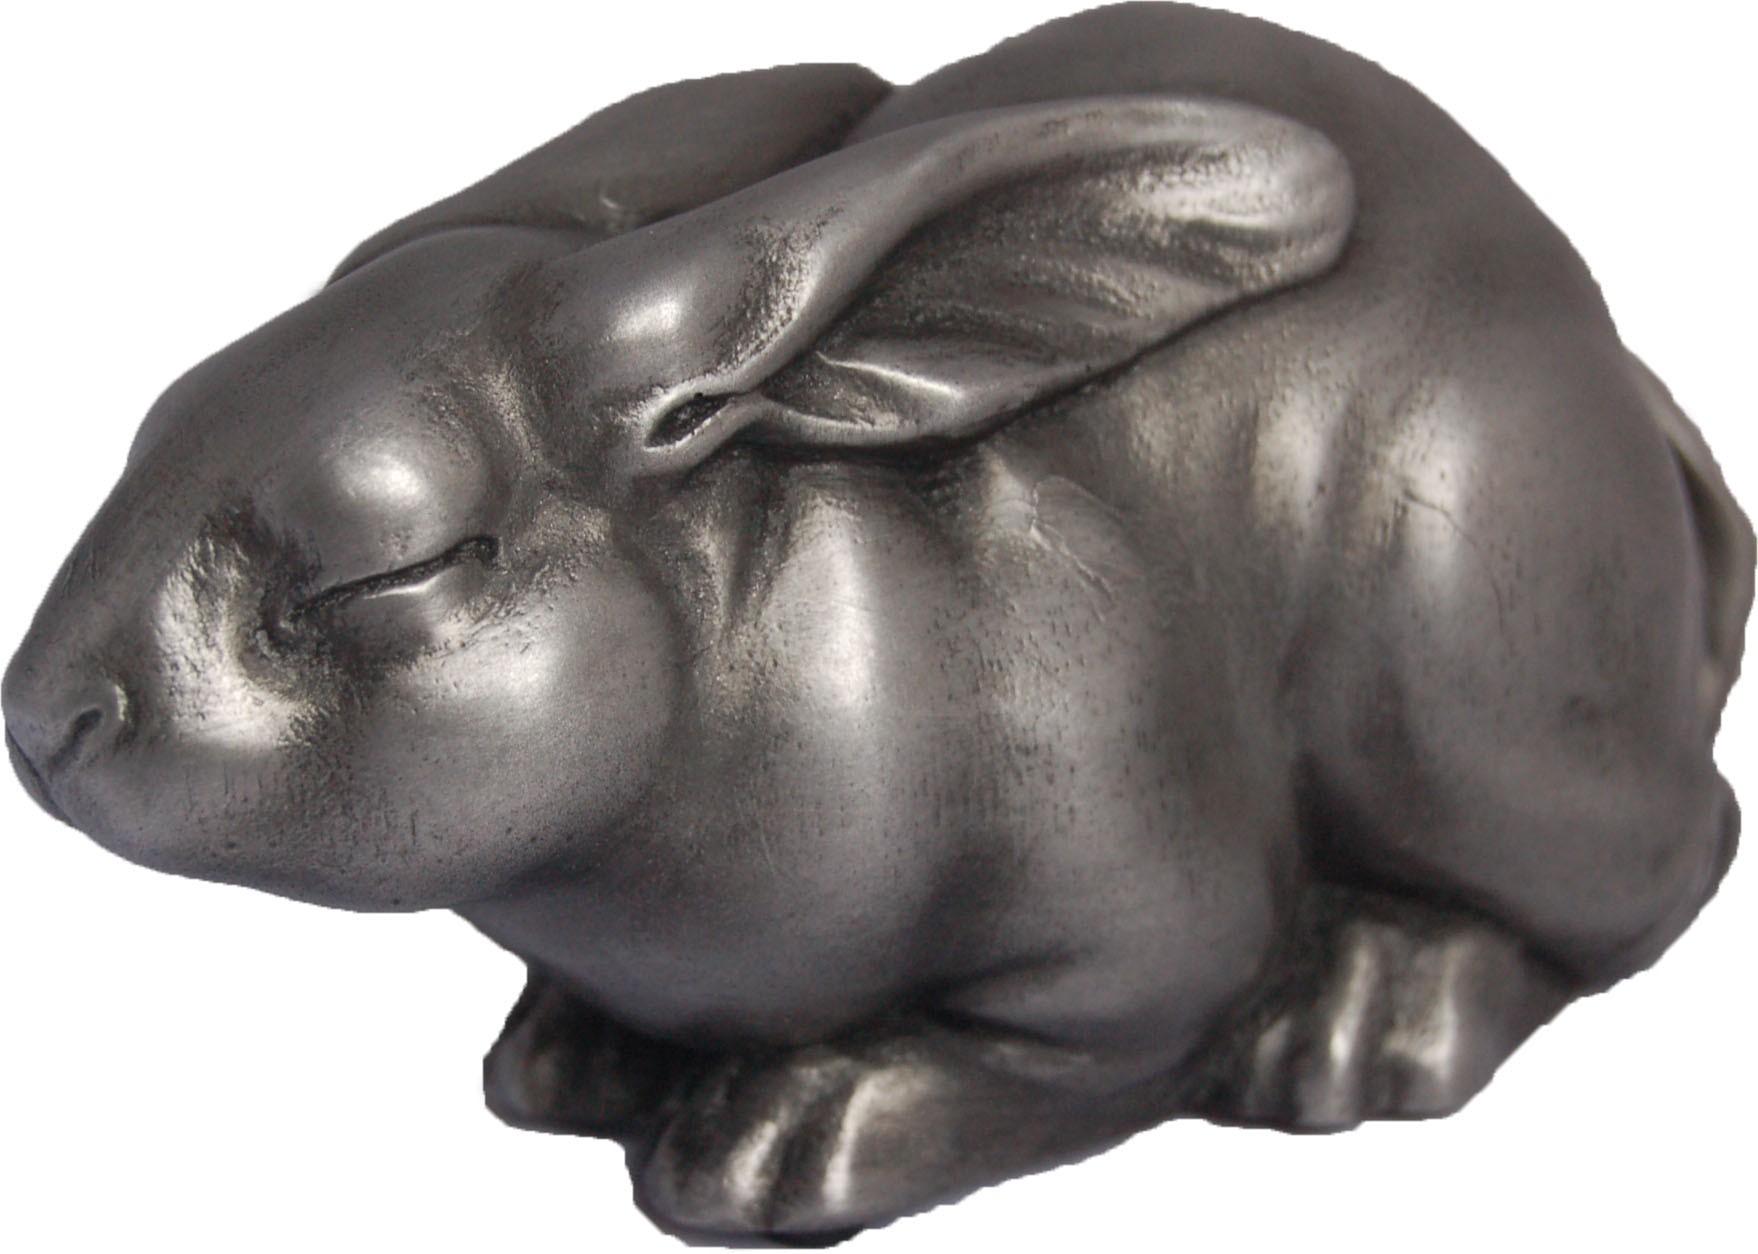 Cast Rabbit Casket